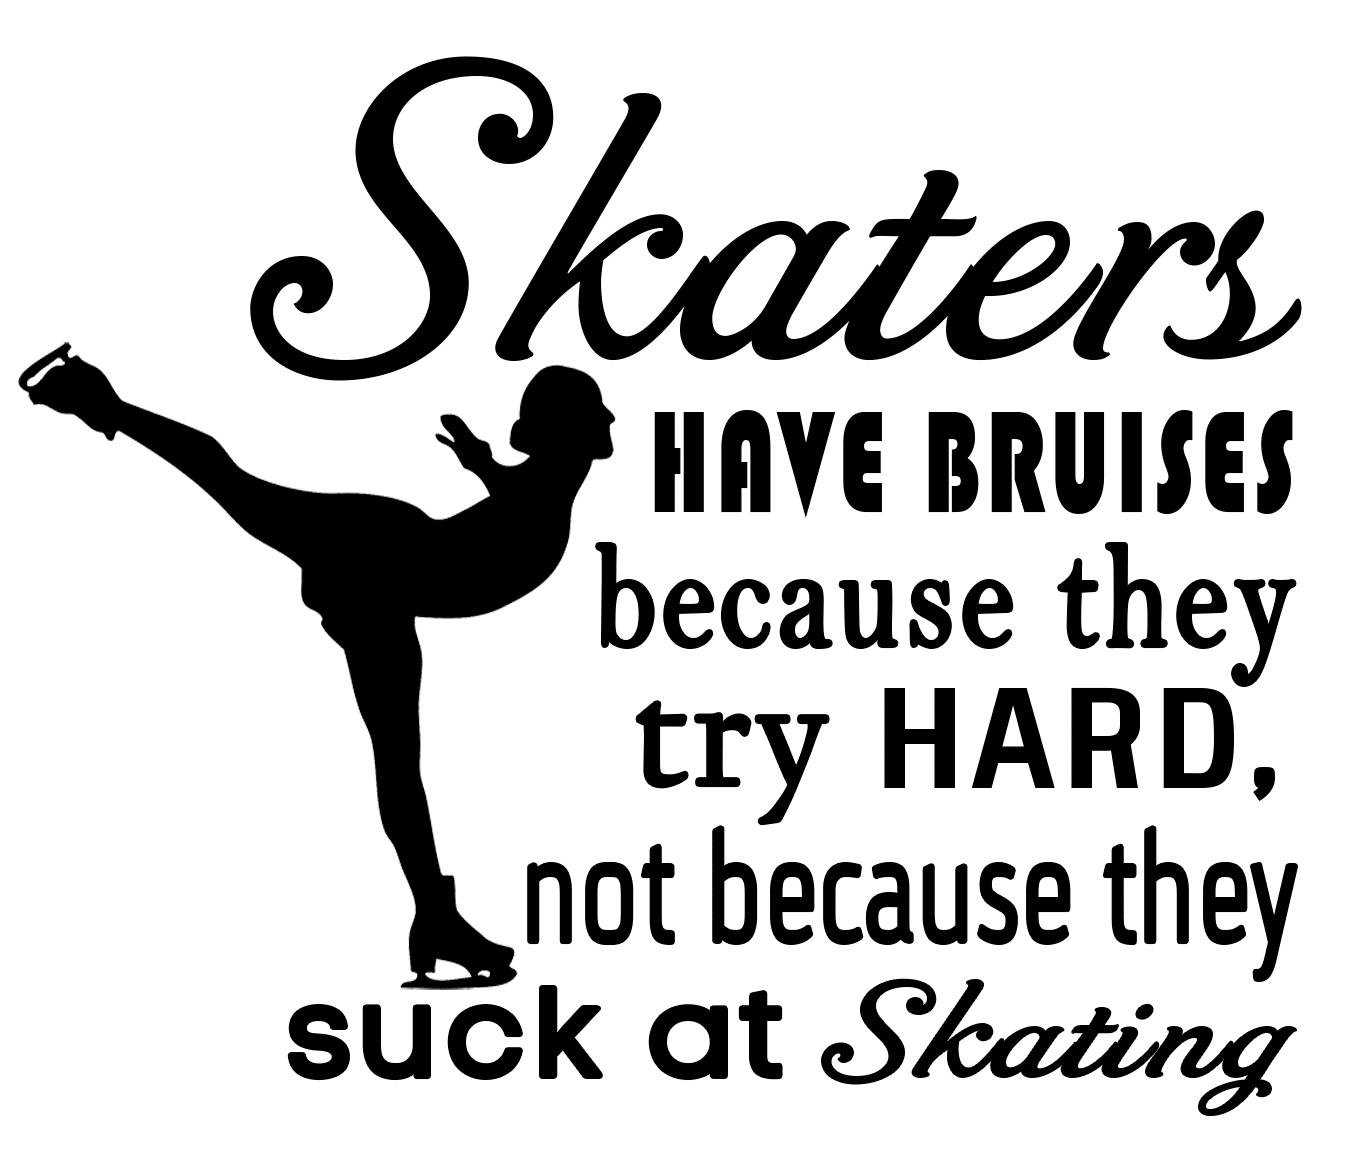 Free Skating SVG Cutting File